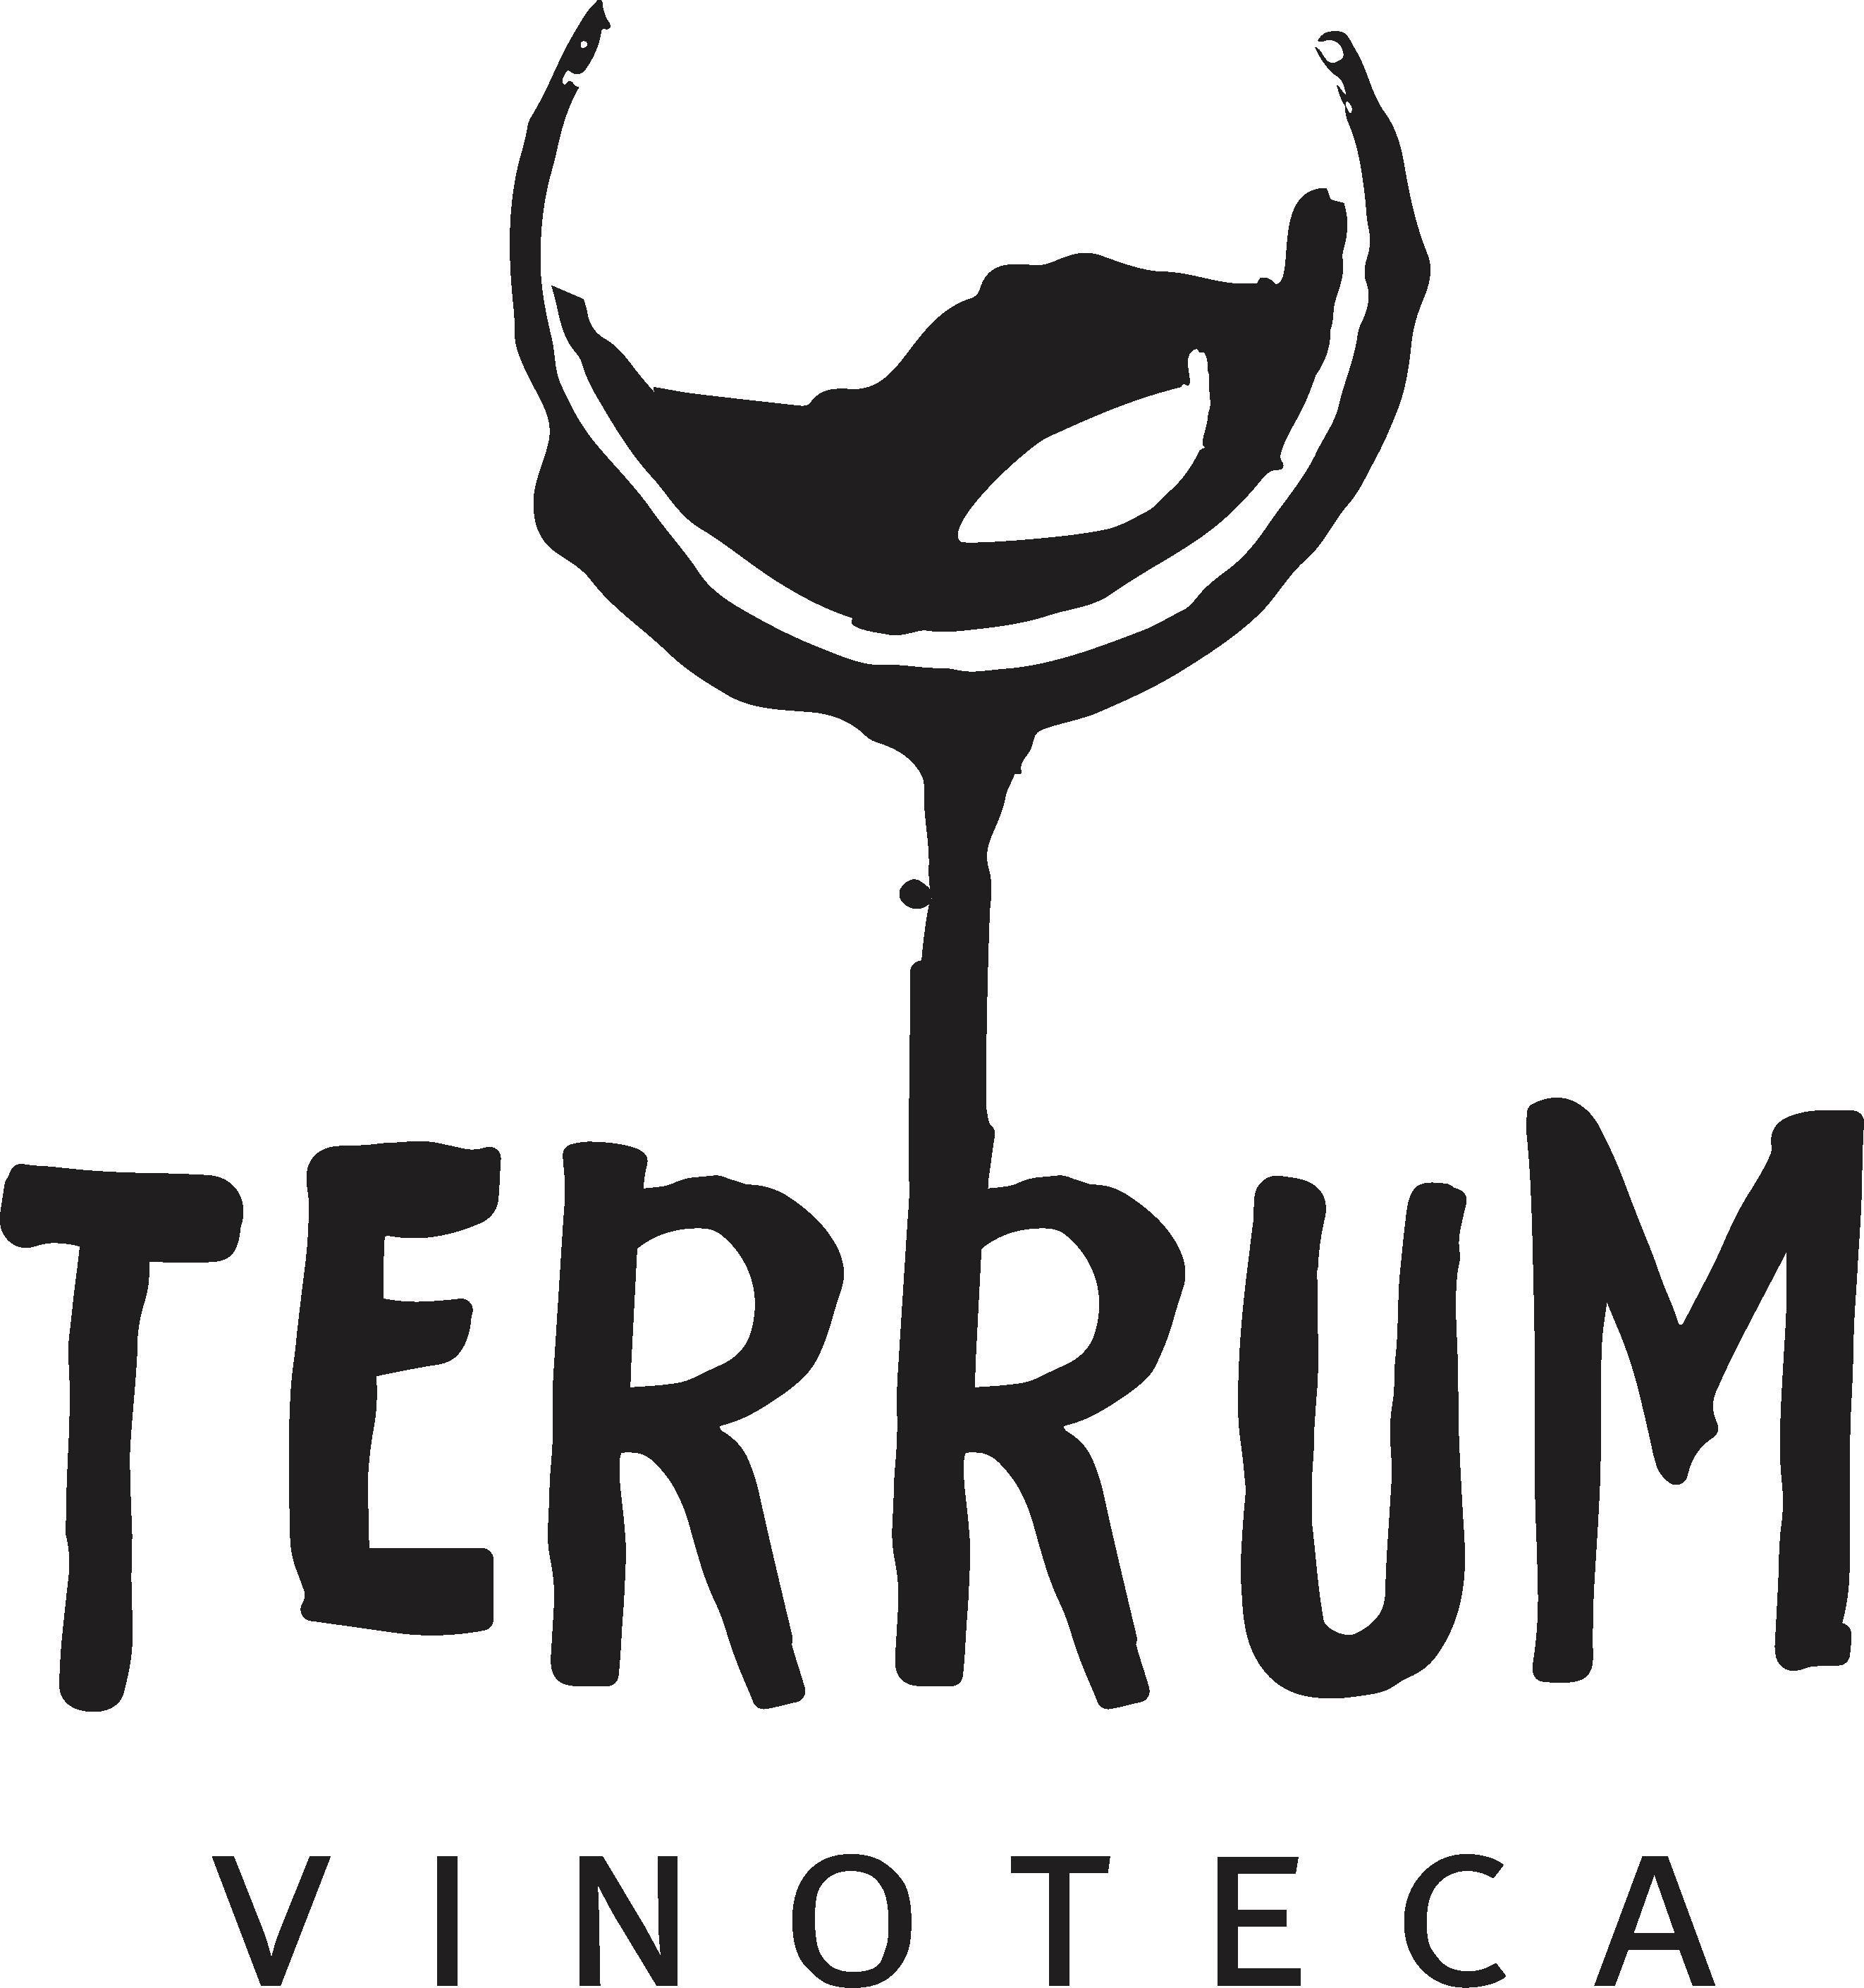 Terrum Vinoteca – Venta de Vinos, espumantes, bebidas, delicatessen, critaleria y accesorios, CABA, Argentina